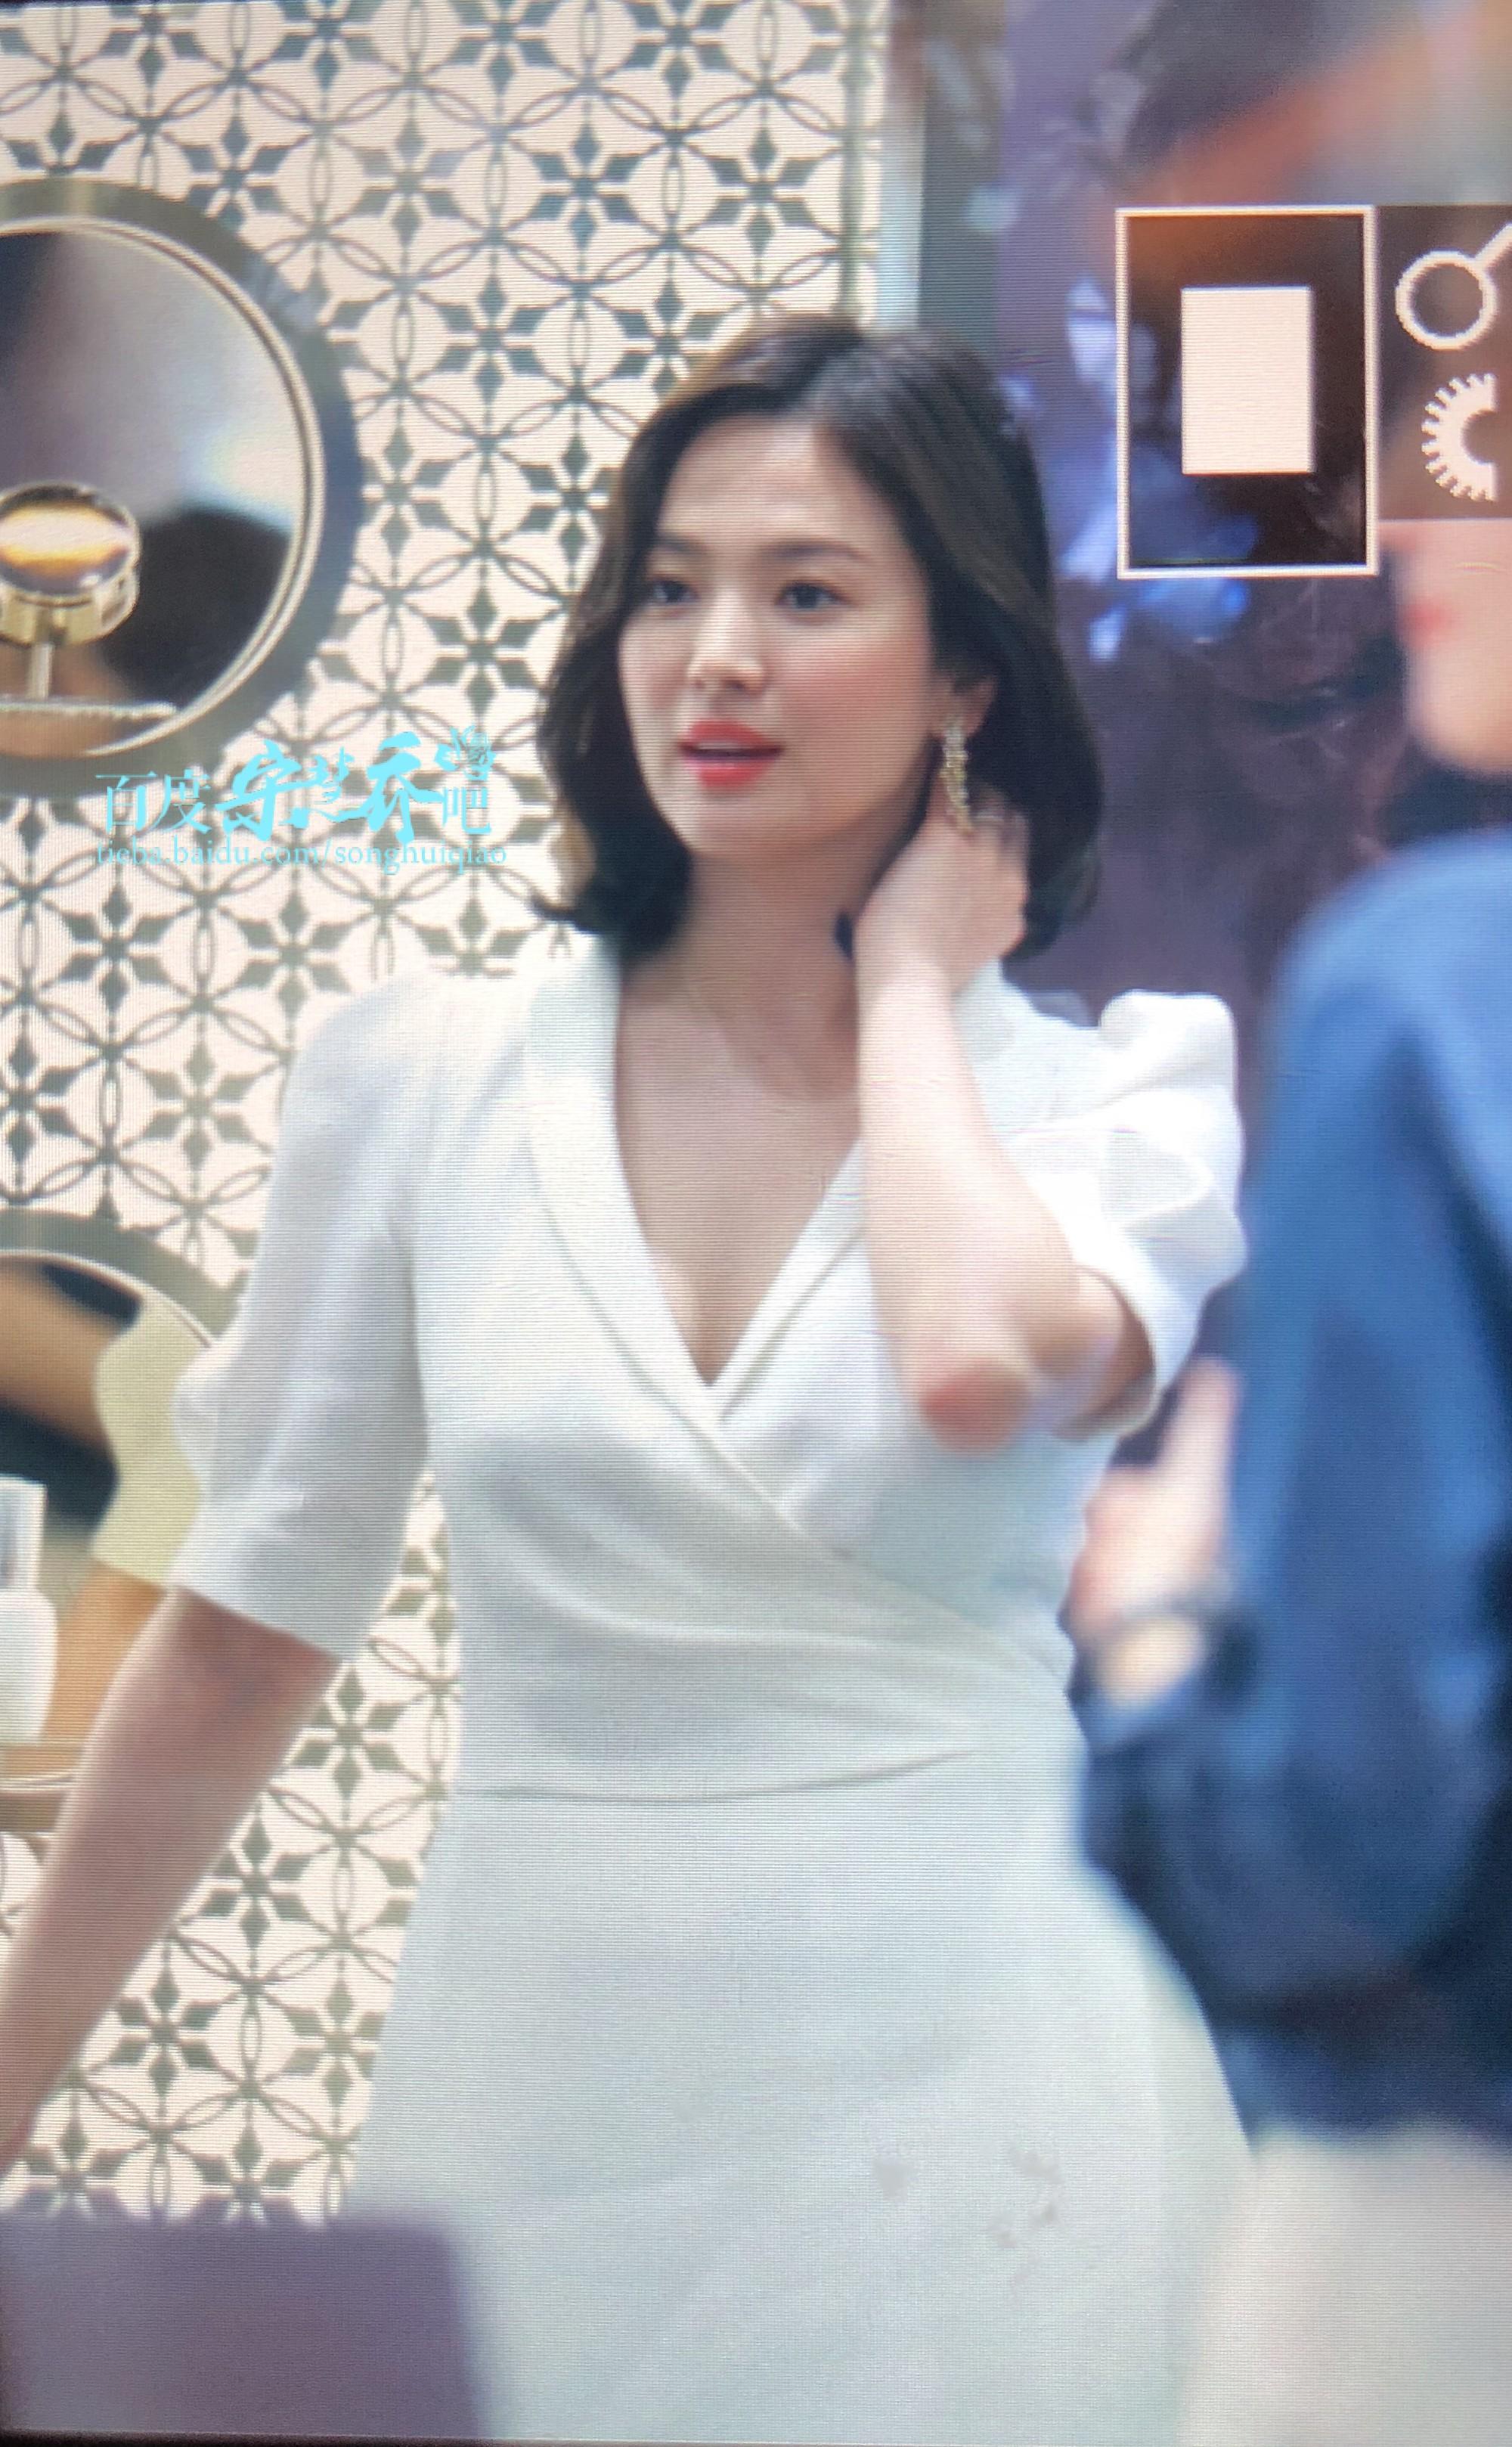 Song Hye Kyo tại sự kiện hôm nay: Chưa cần ảnh HD căng đét đã đẹp khó tin đến nhường này - Ảnh 3.